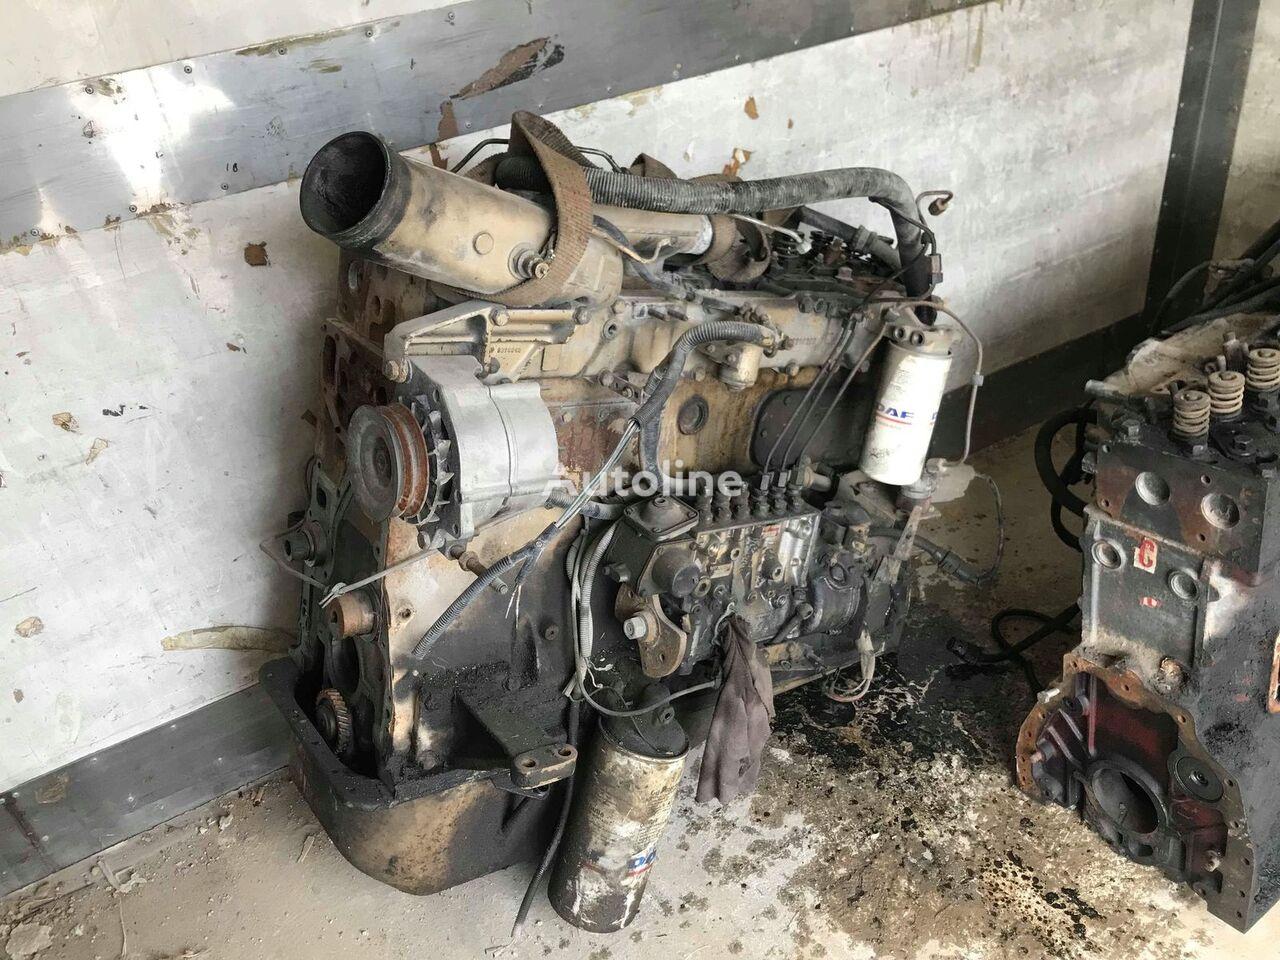 DAF motor za DAF 2500 ATI / 3300 ATI / 825 1160 tegljača